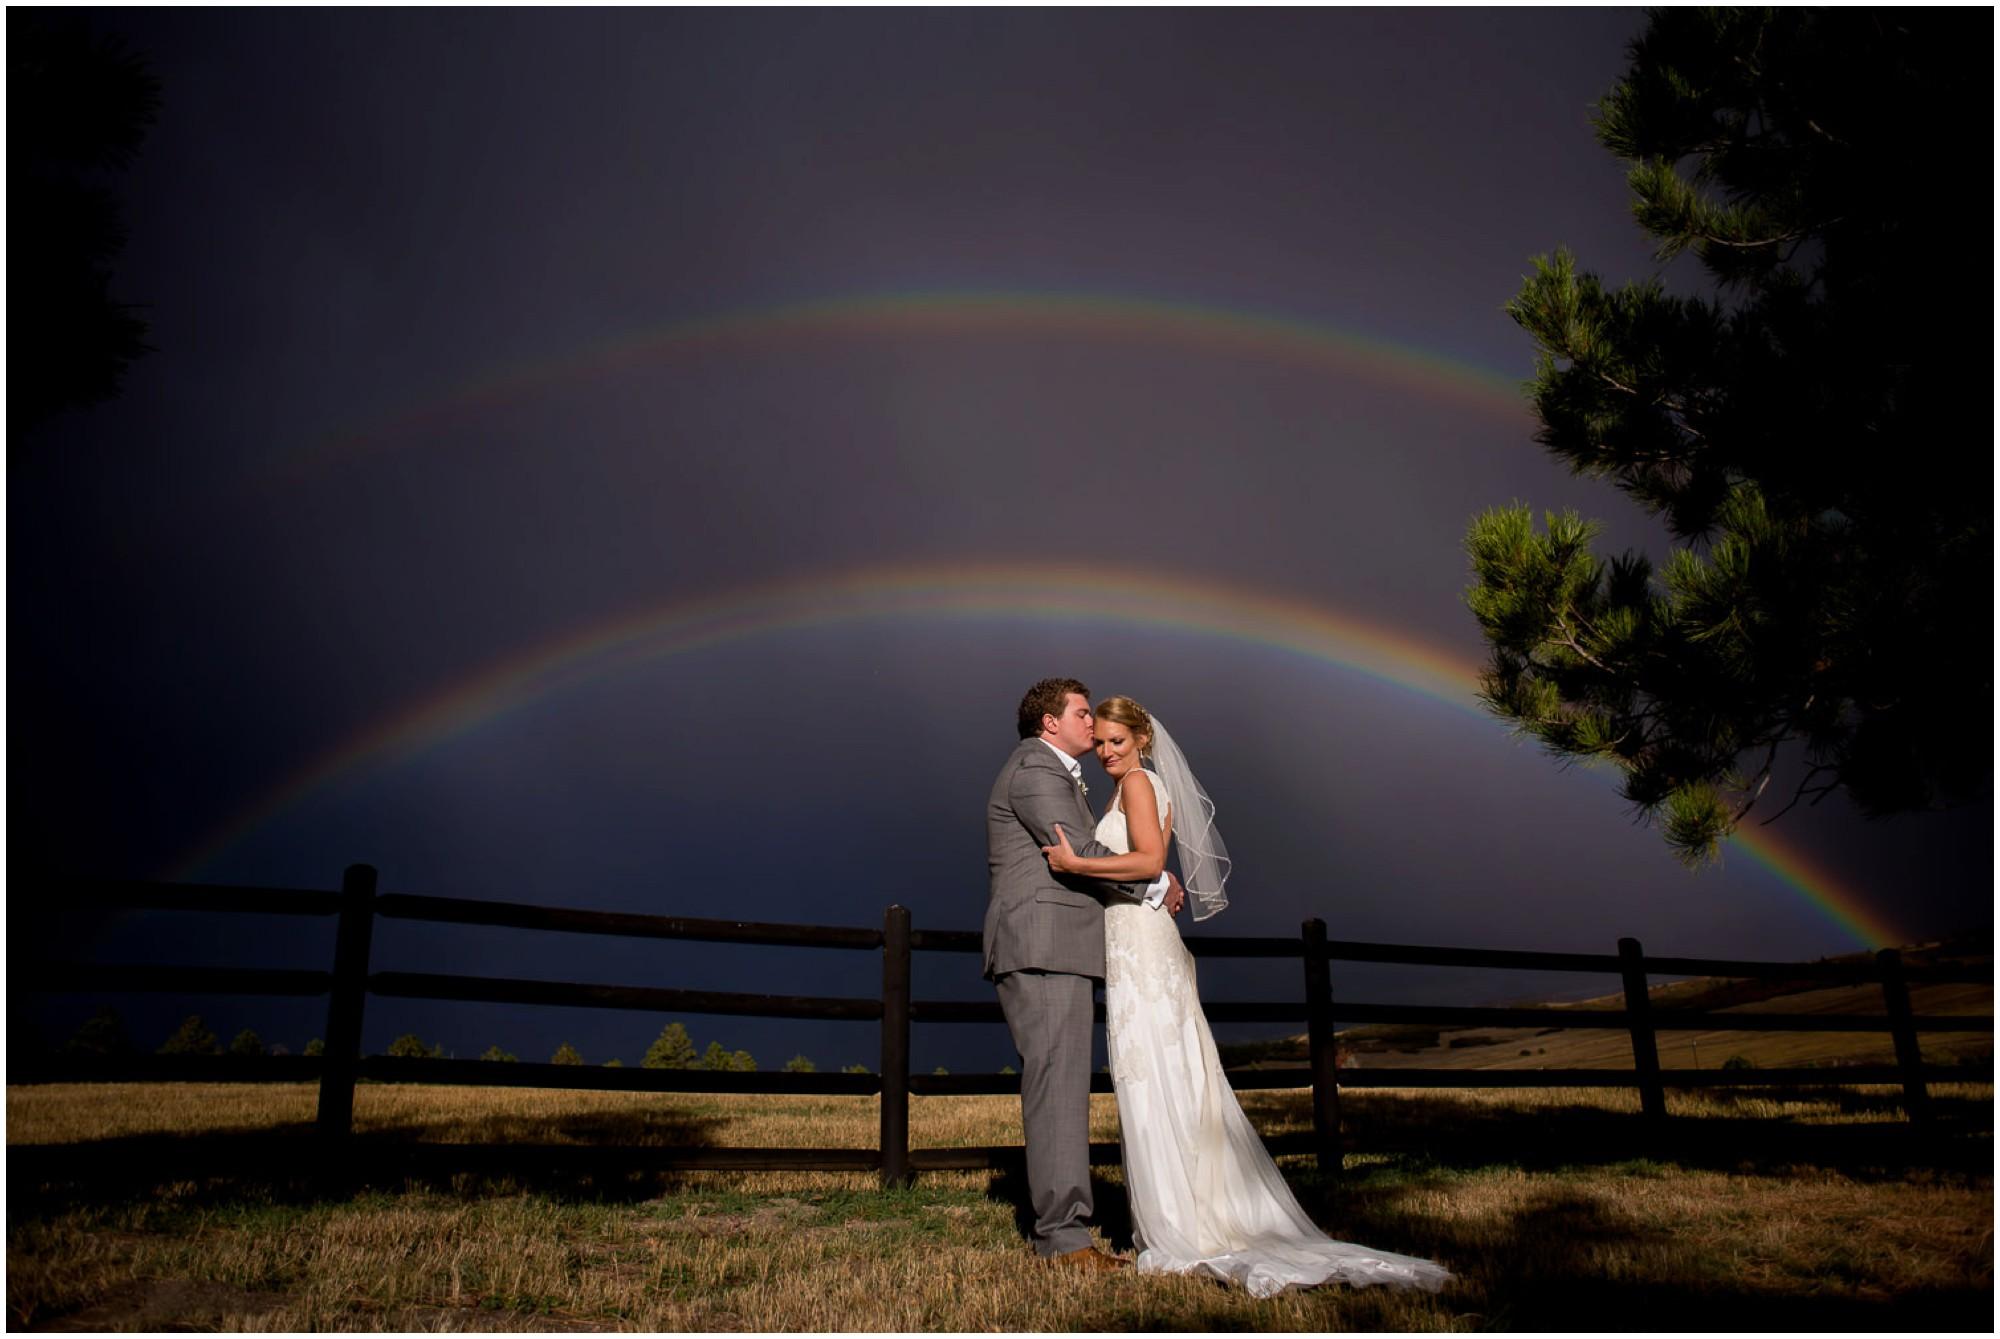 588-Spruce-mountain-ranch-colorado-wedding-photography.jpg